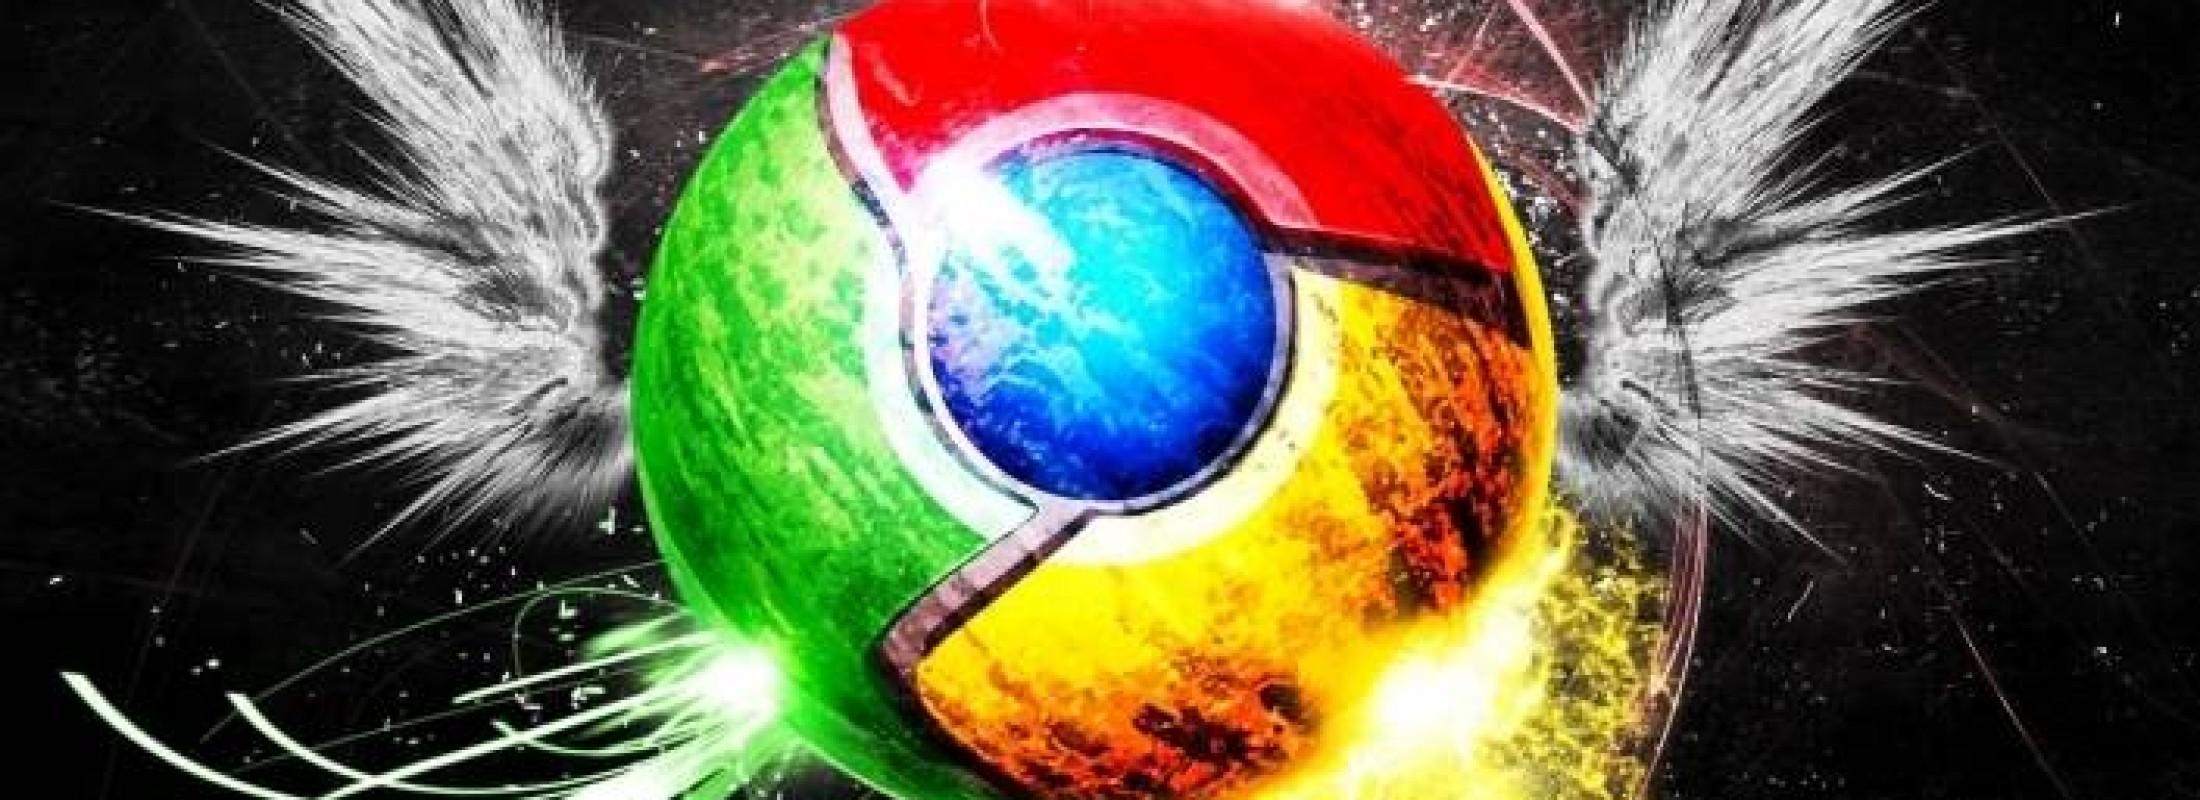 Bu Chrome Eklentisi SayesindDaha Hızlı Olacake Tarayıcınız